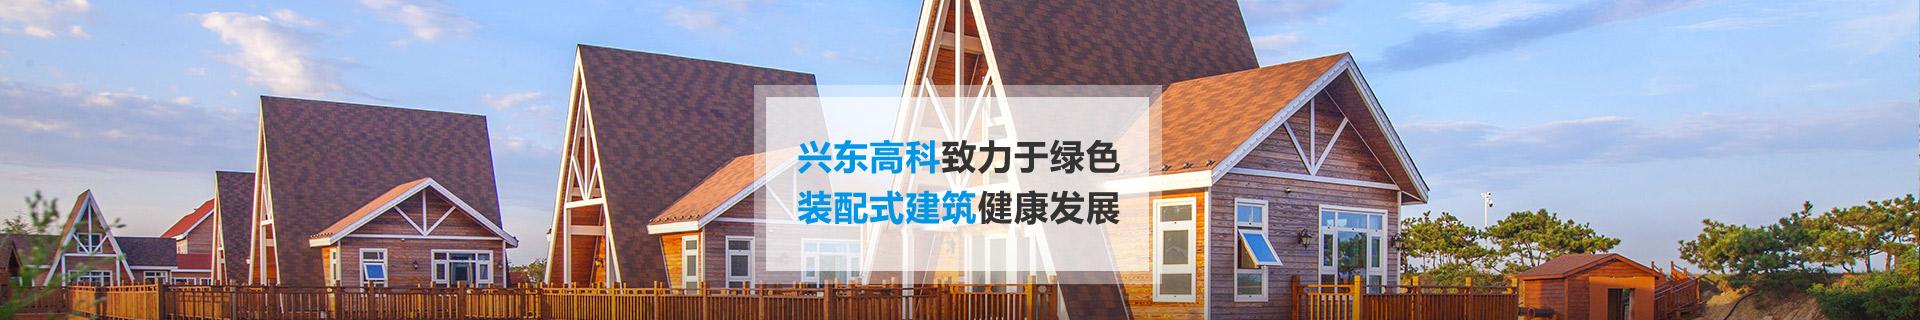 淄博装配式建筑